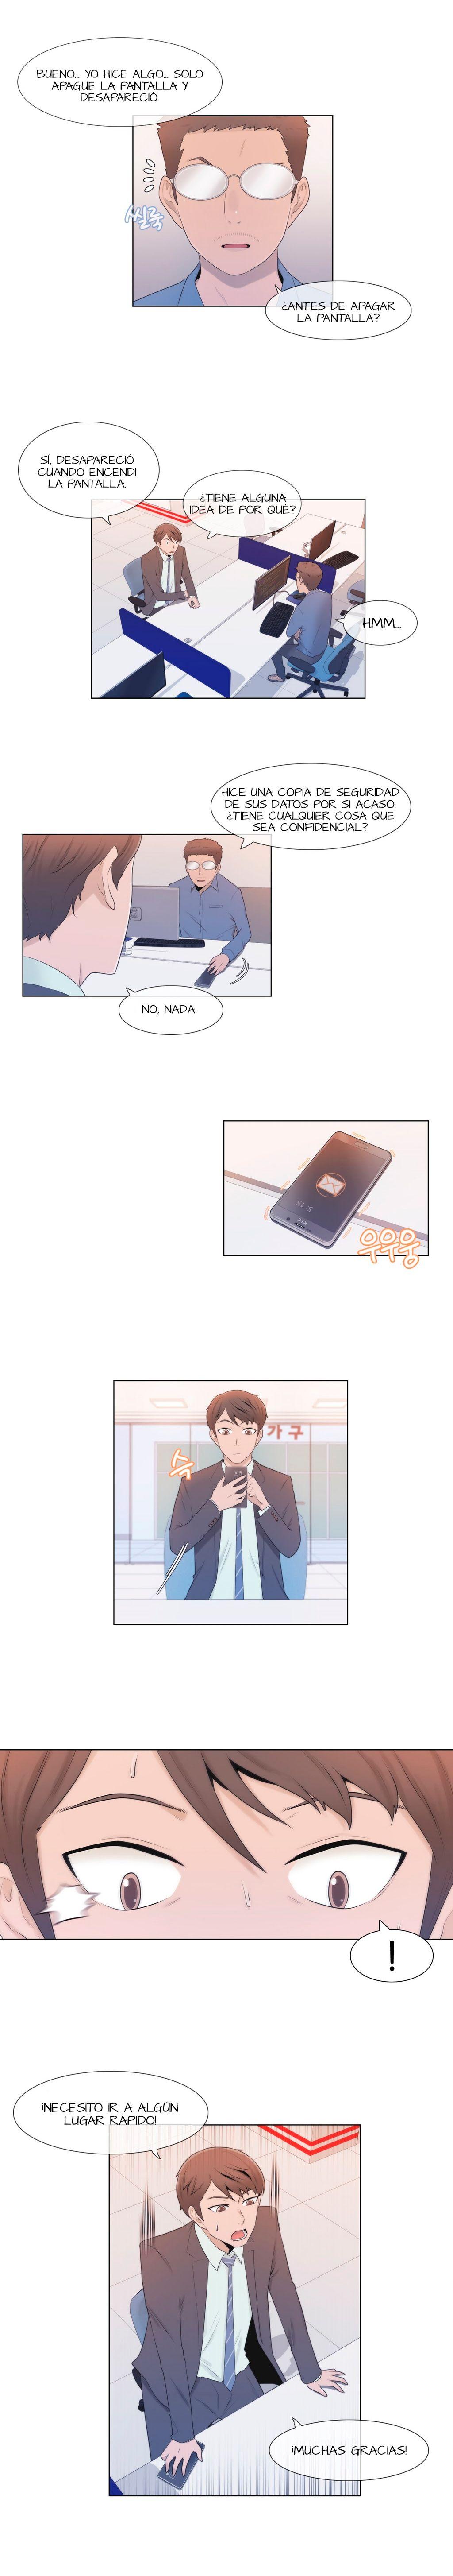 https://c5.mangatag.com/es_manga/24/20248/487109/3ab4d114bd1a038316dad744fb19e844.jpg Page 3